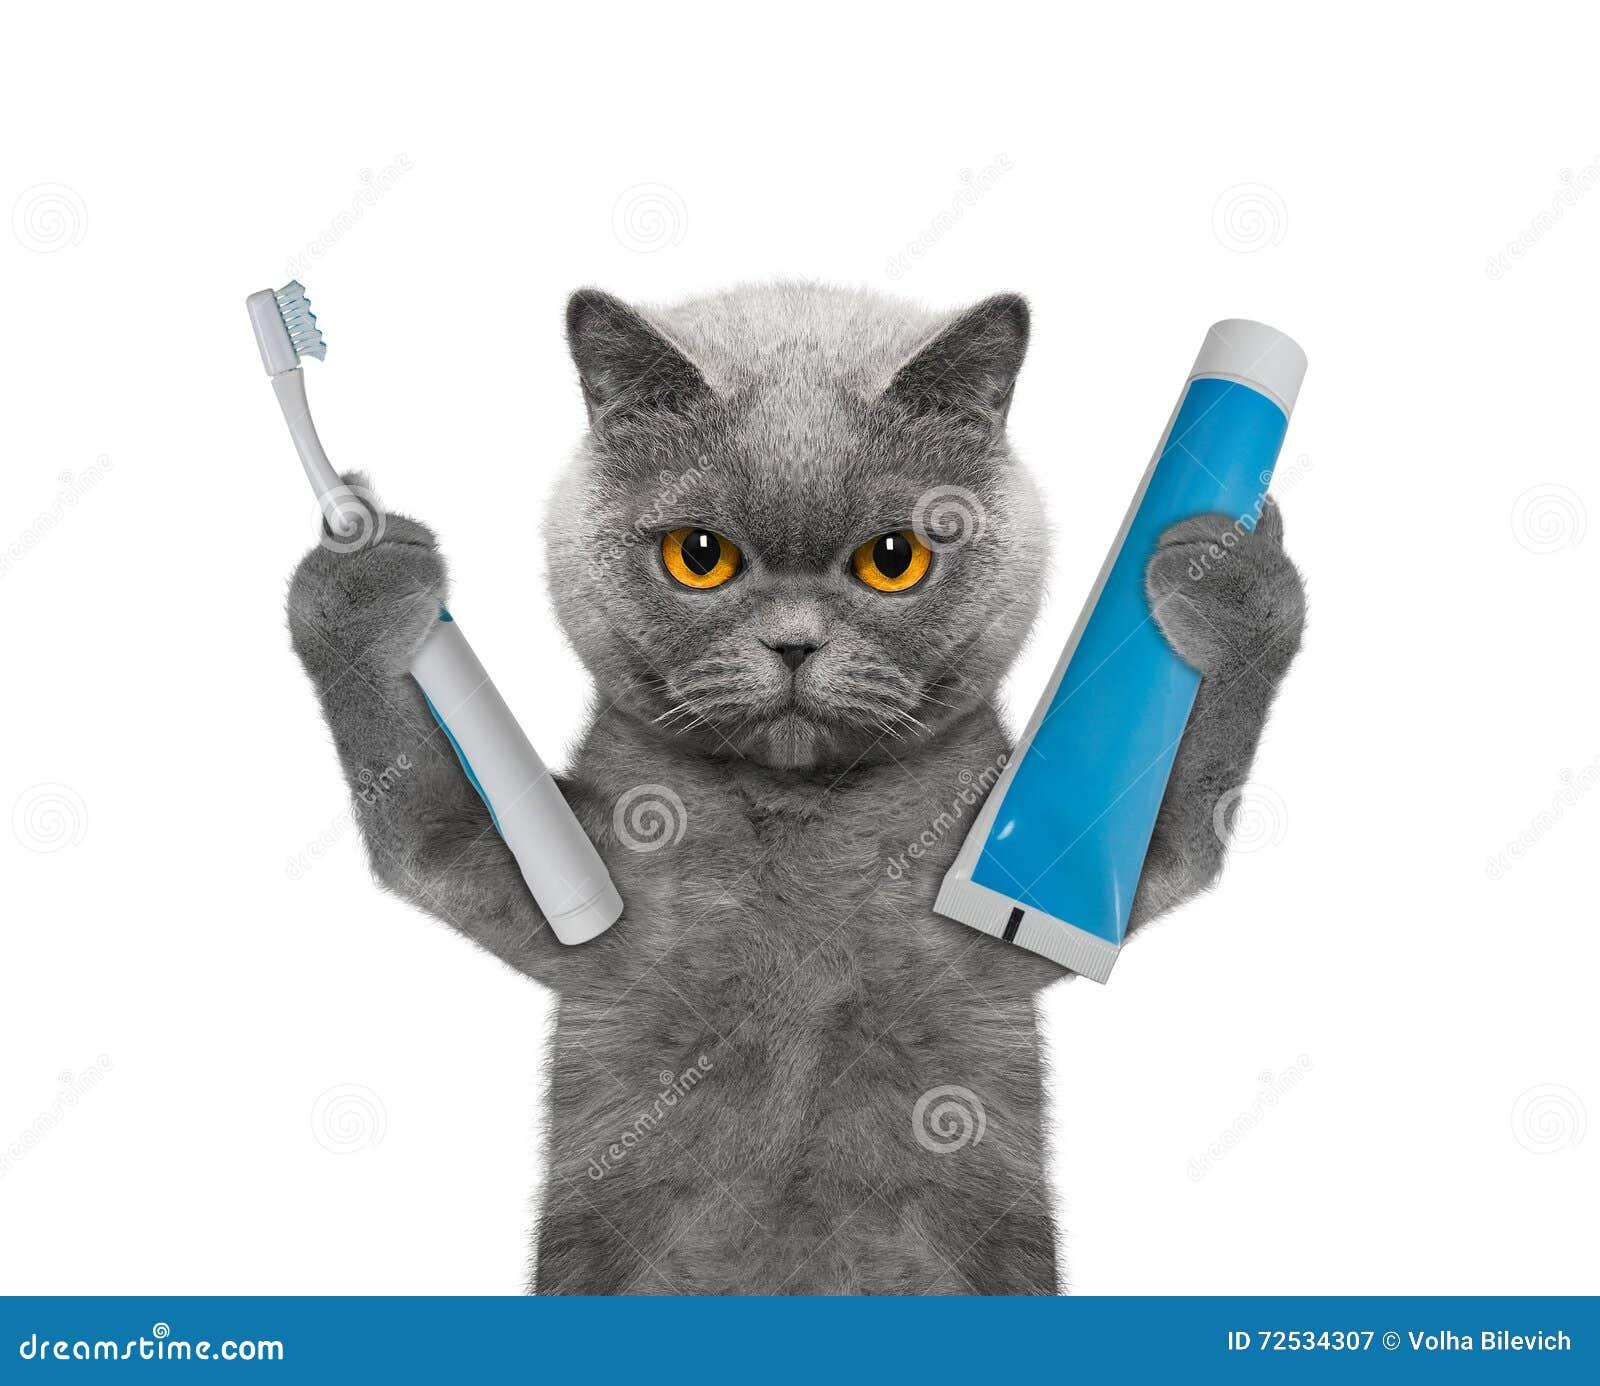 Η γάτα πρόκειται να καθαρίσει τα δόντια